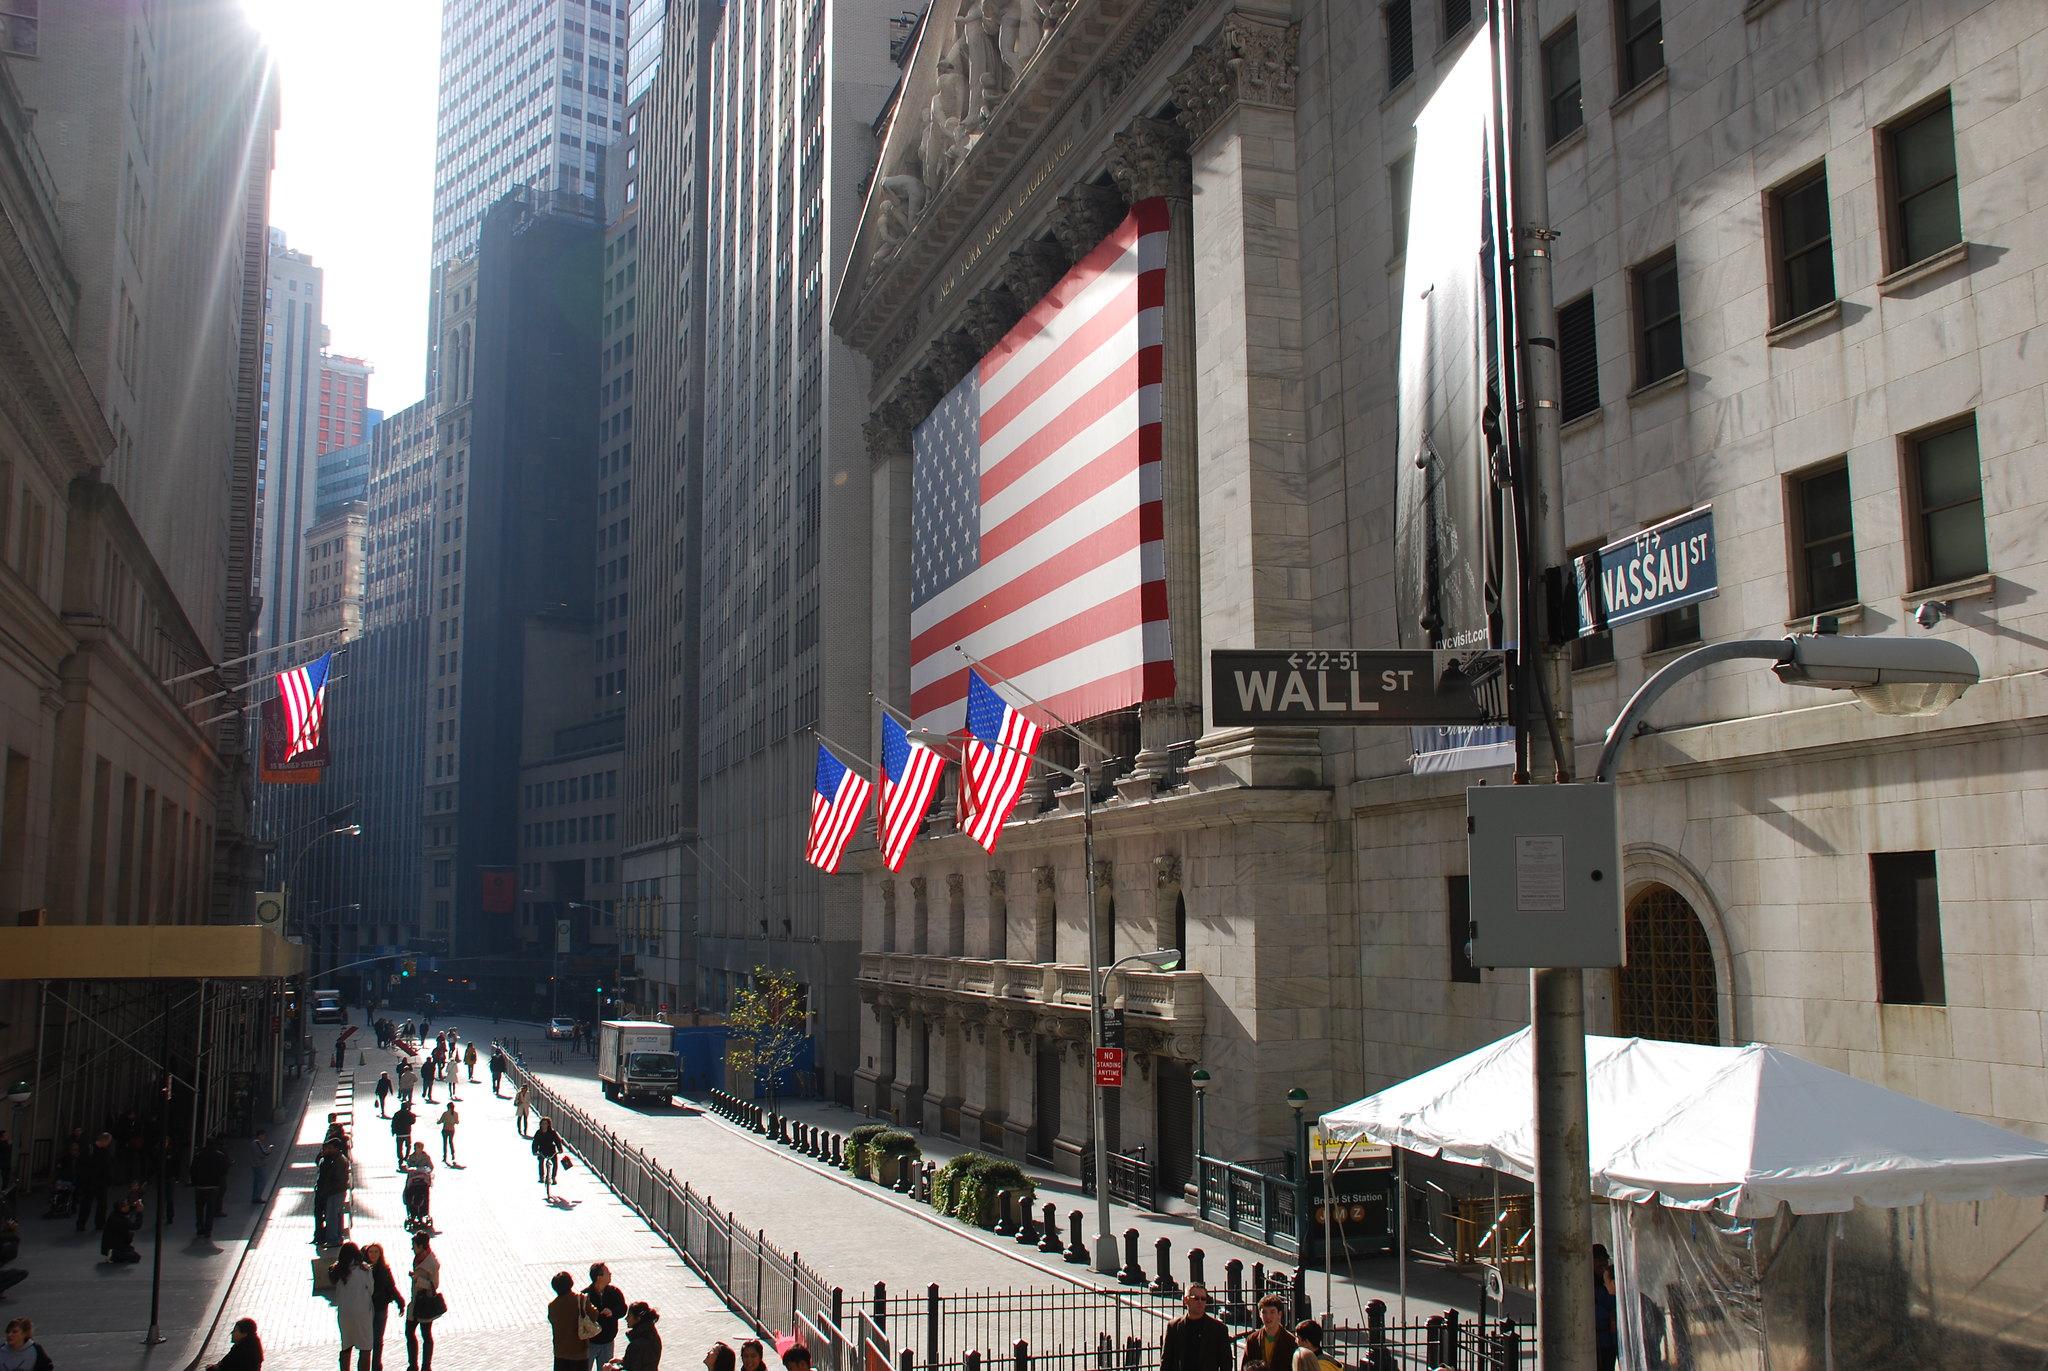 Wall Street, Nov. 21, 2009. (Dave Center, Flickr)